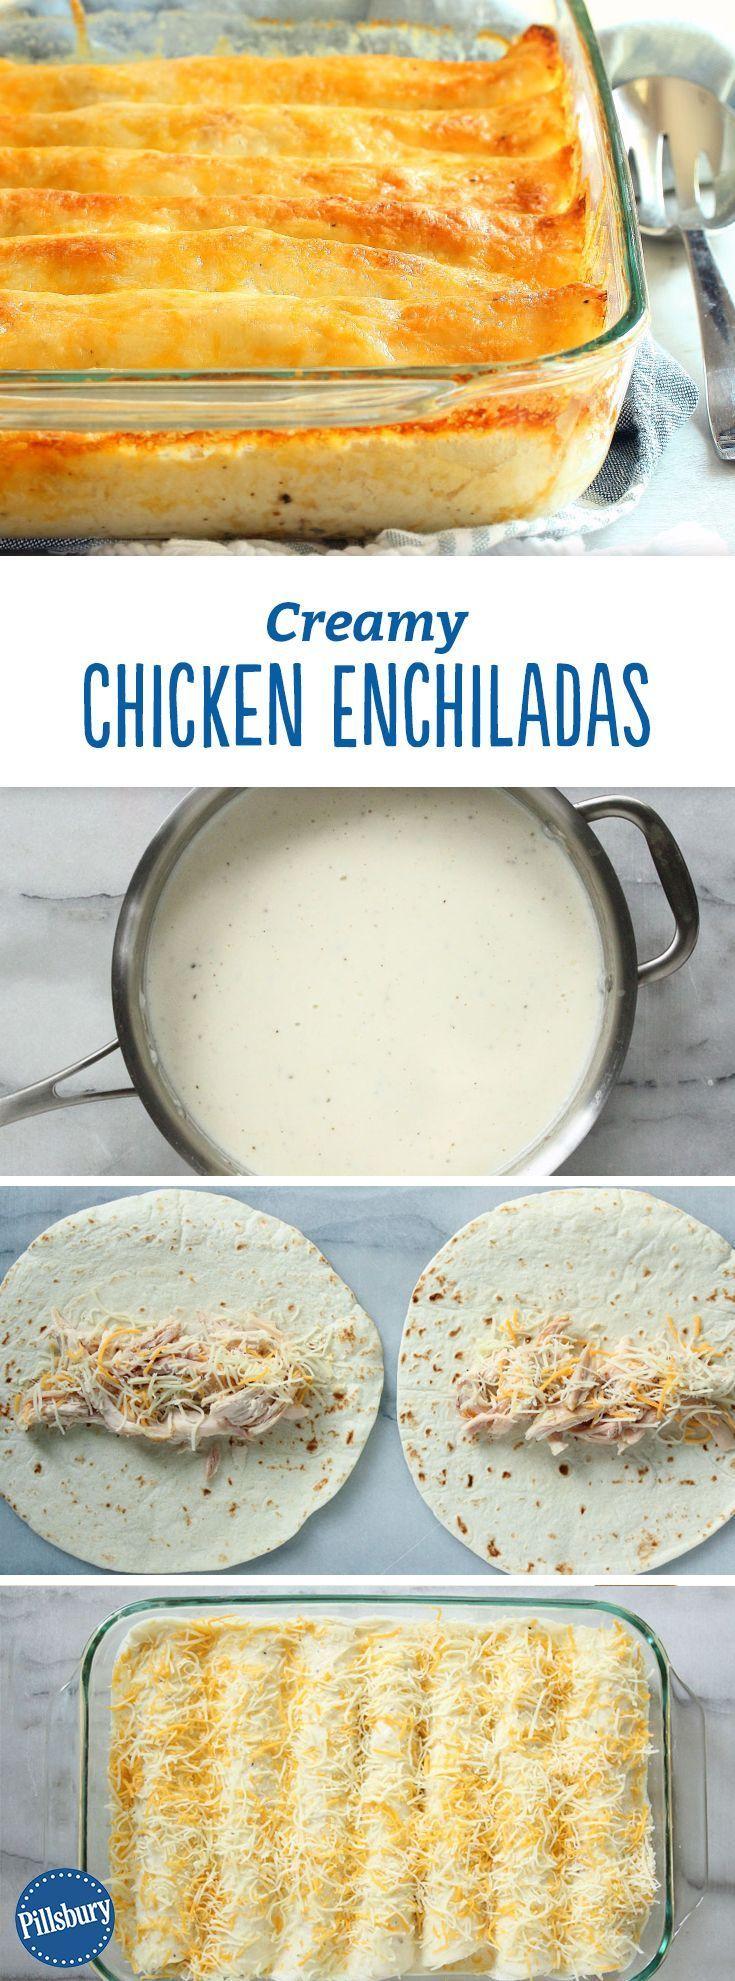 Creamy chicken enchiladas recipe recipes mexican food